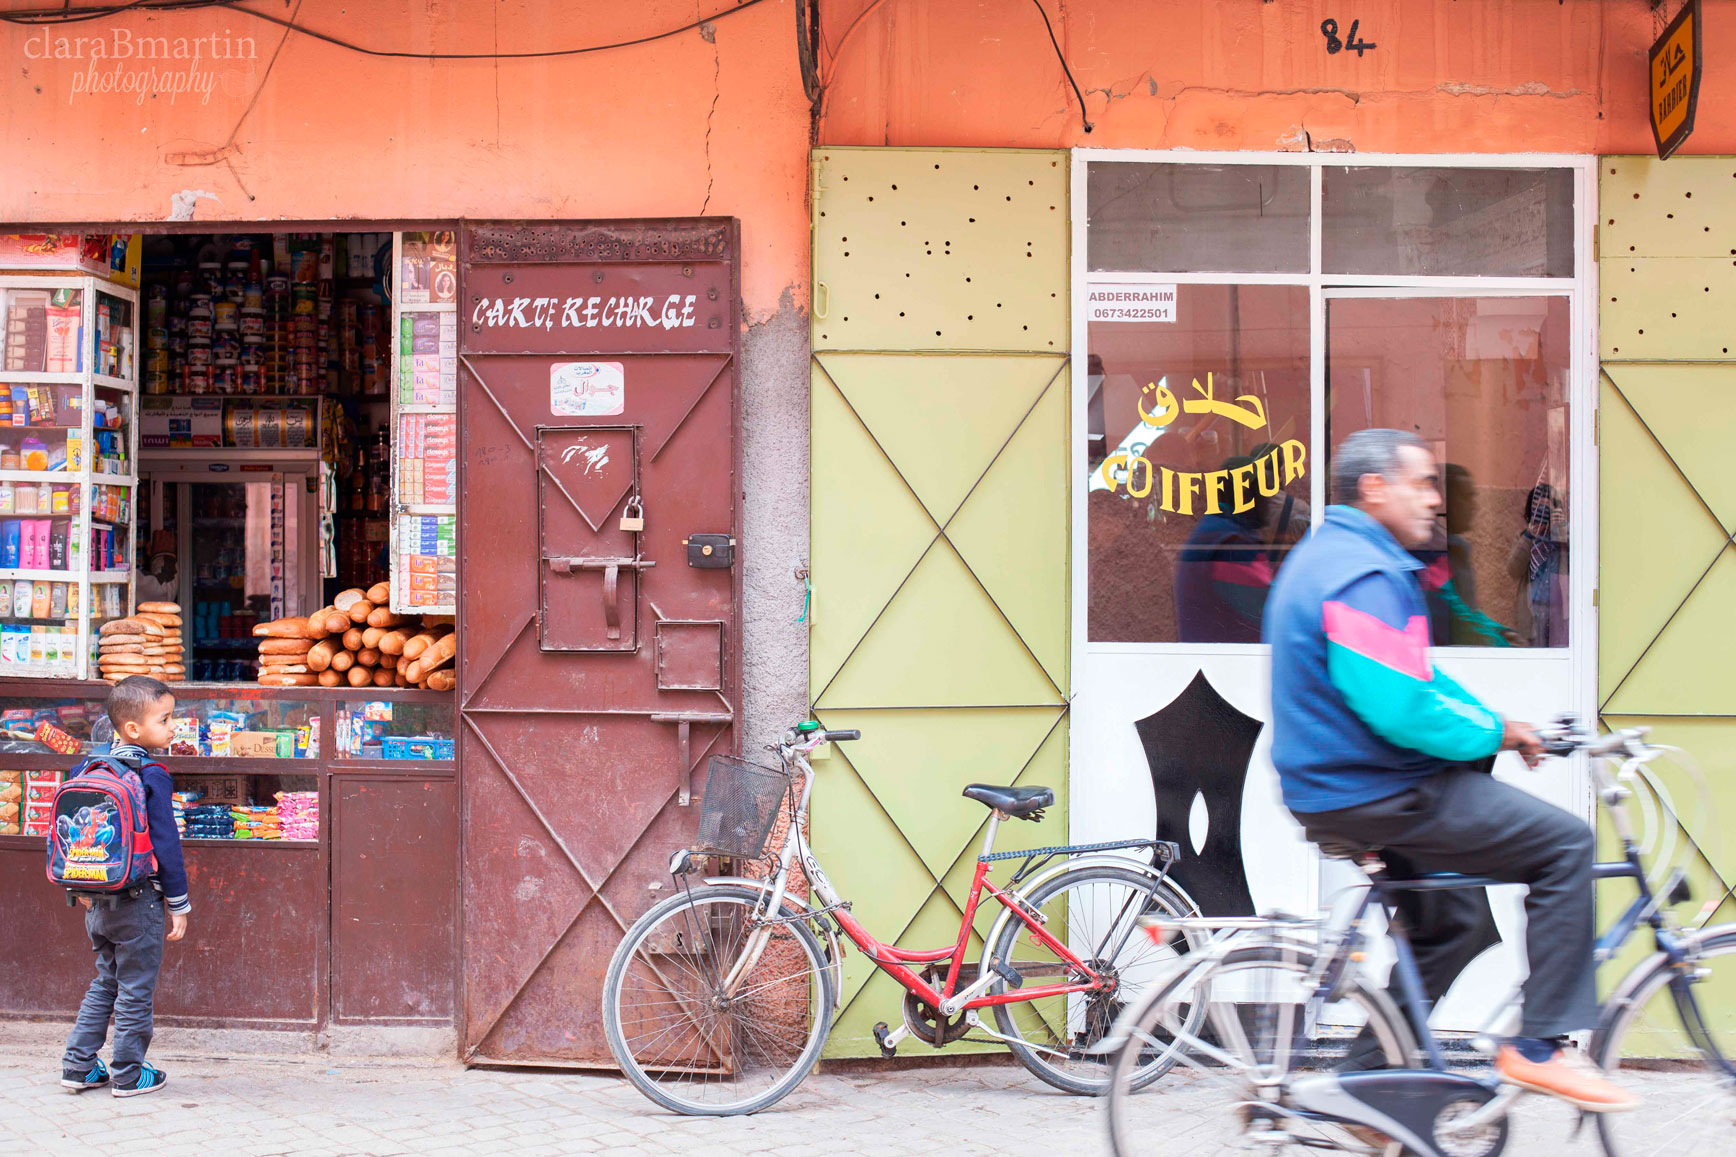 Marrakech_claraBmartin_08